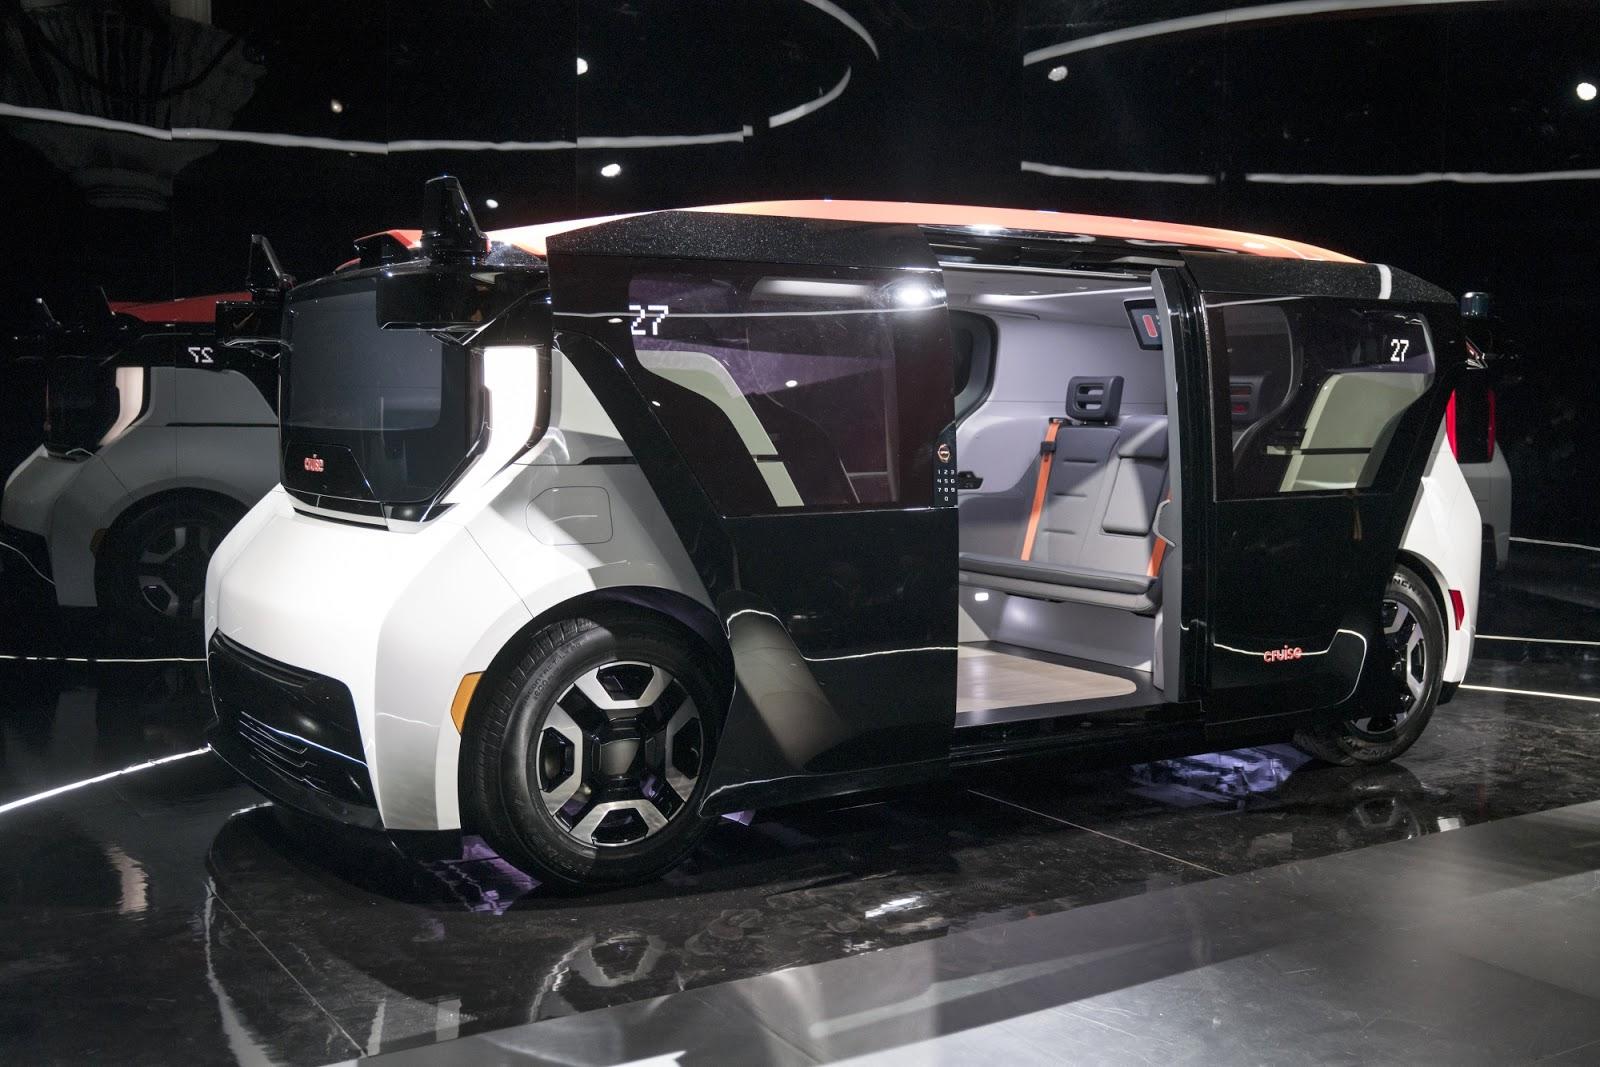 Cruise: Fully Autonomous Vehicle